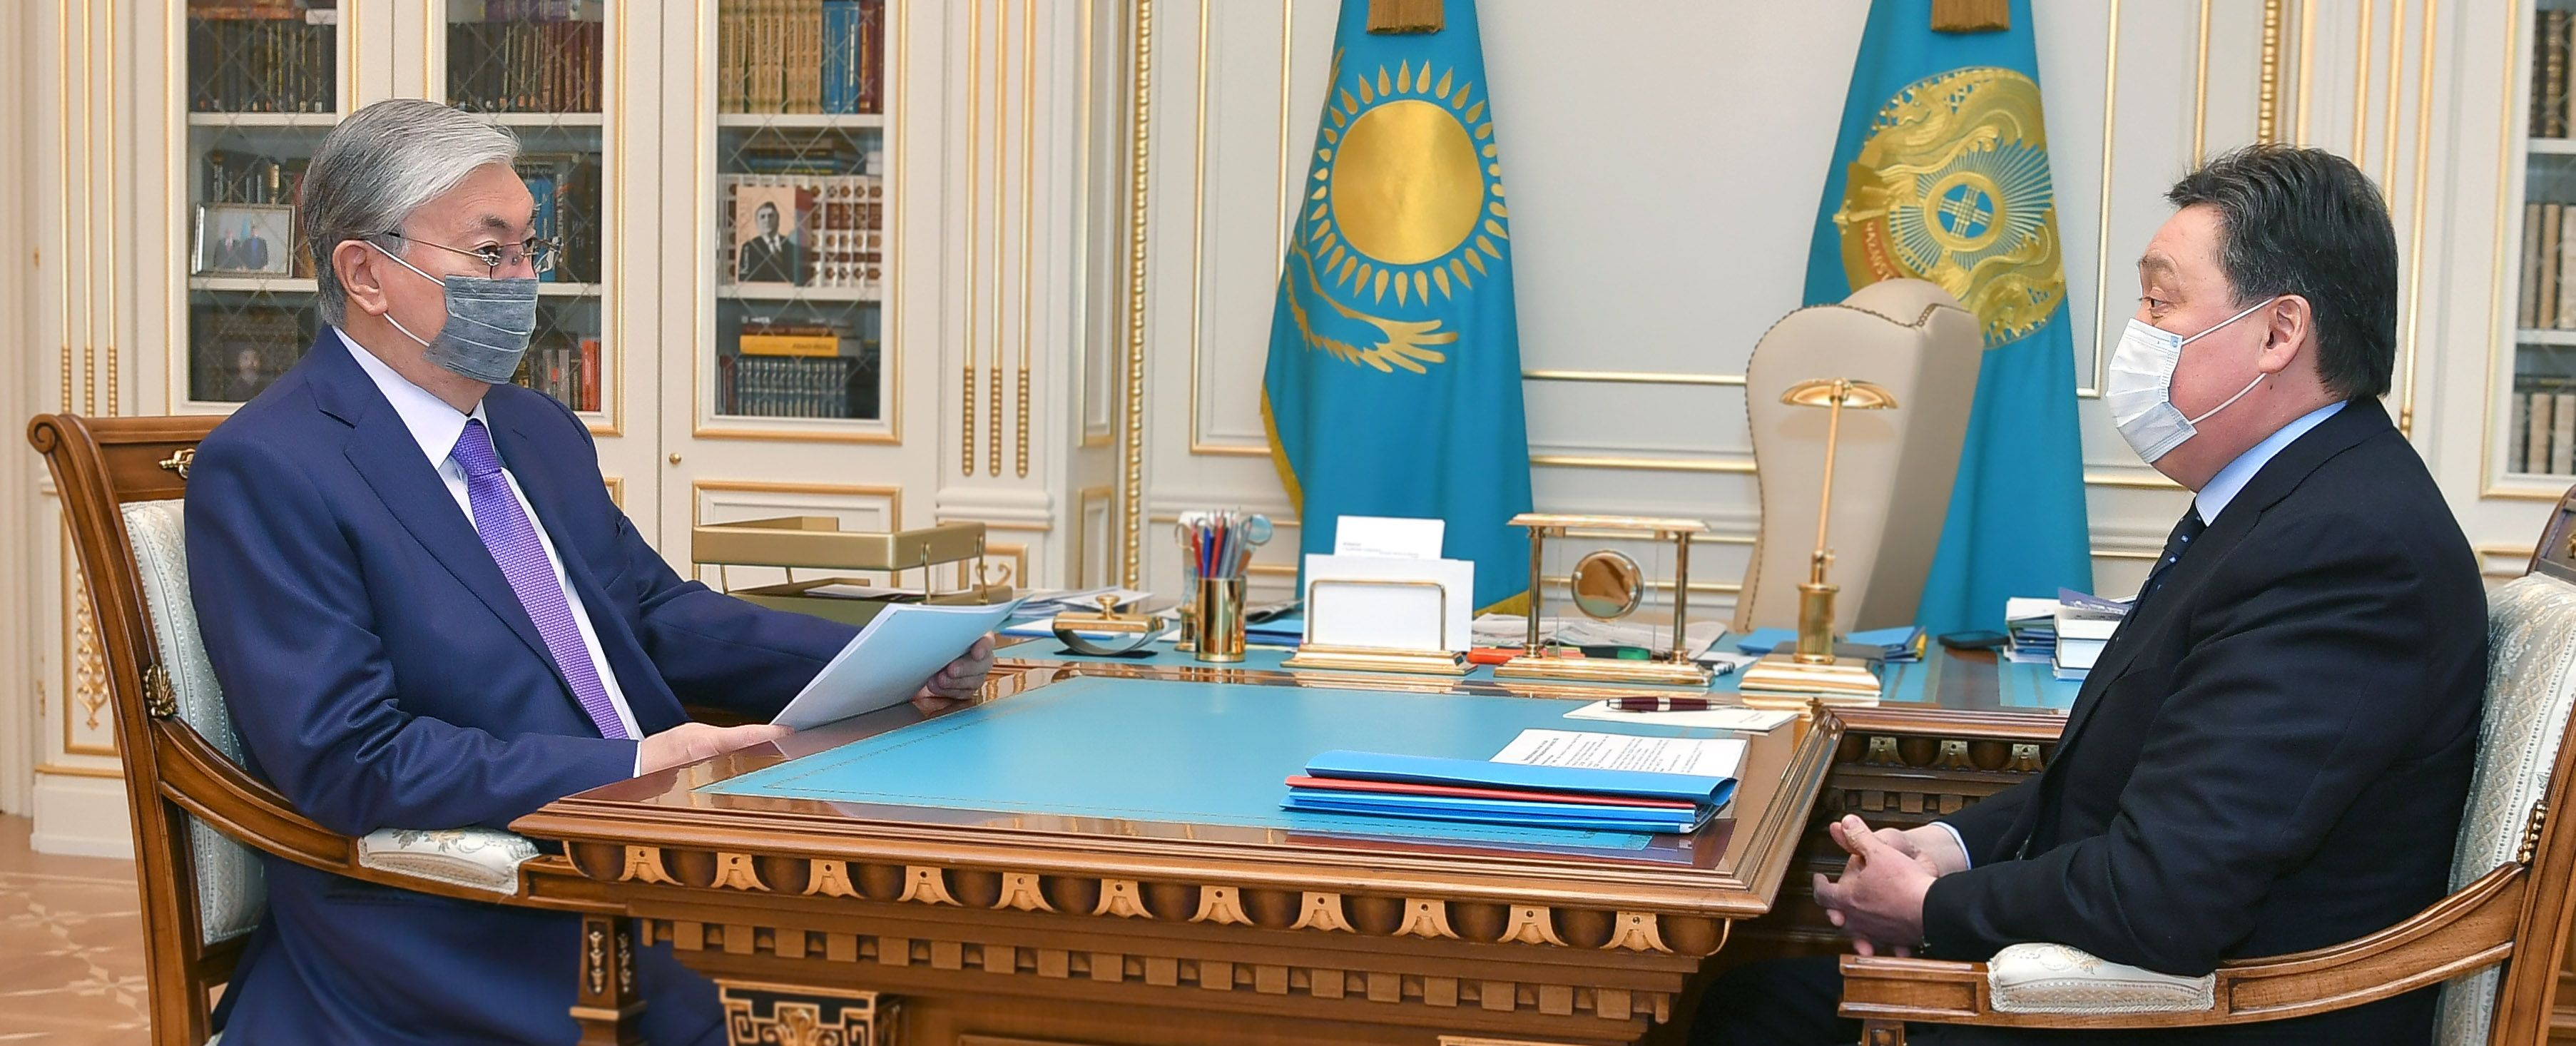 С 22 декабря в Казахстане начнется производство вакцины Спутник V - Kapital.kz